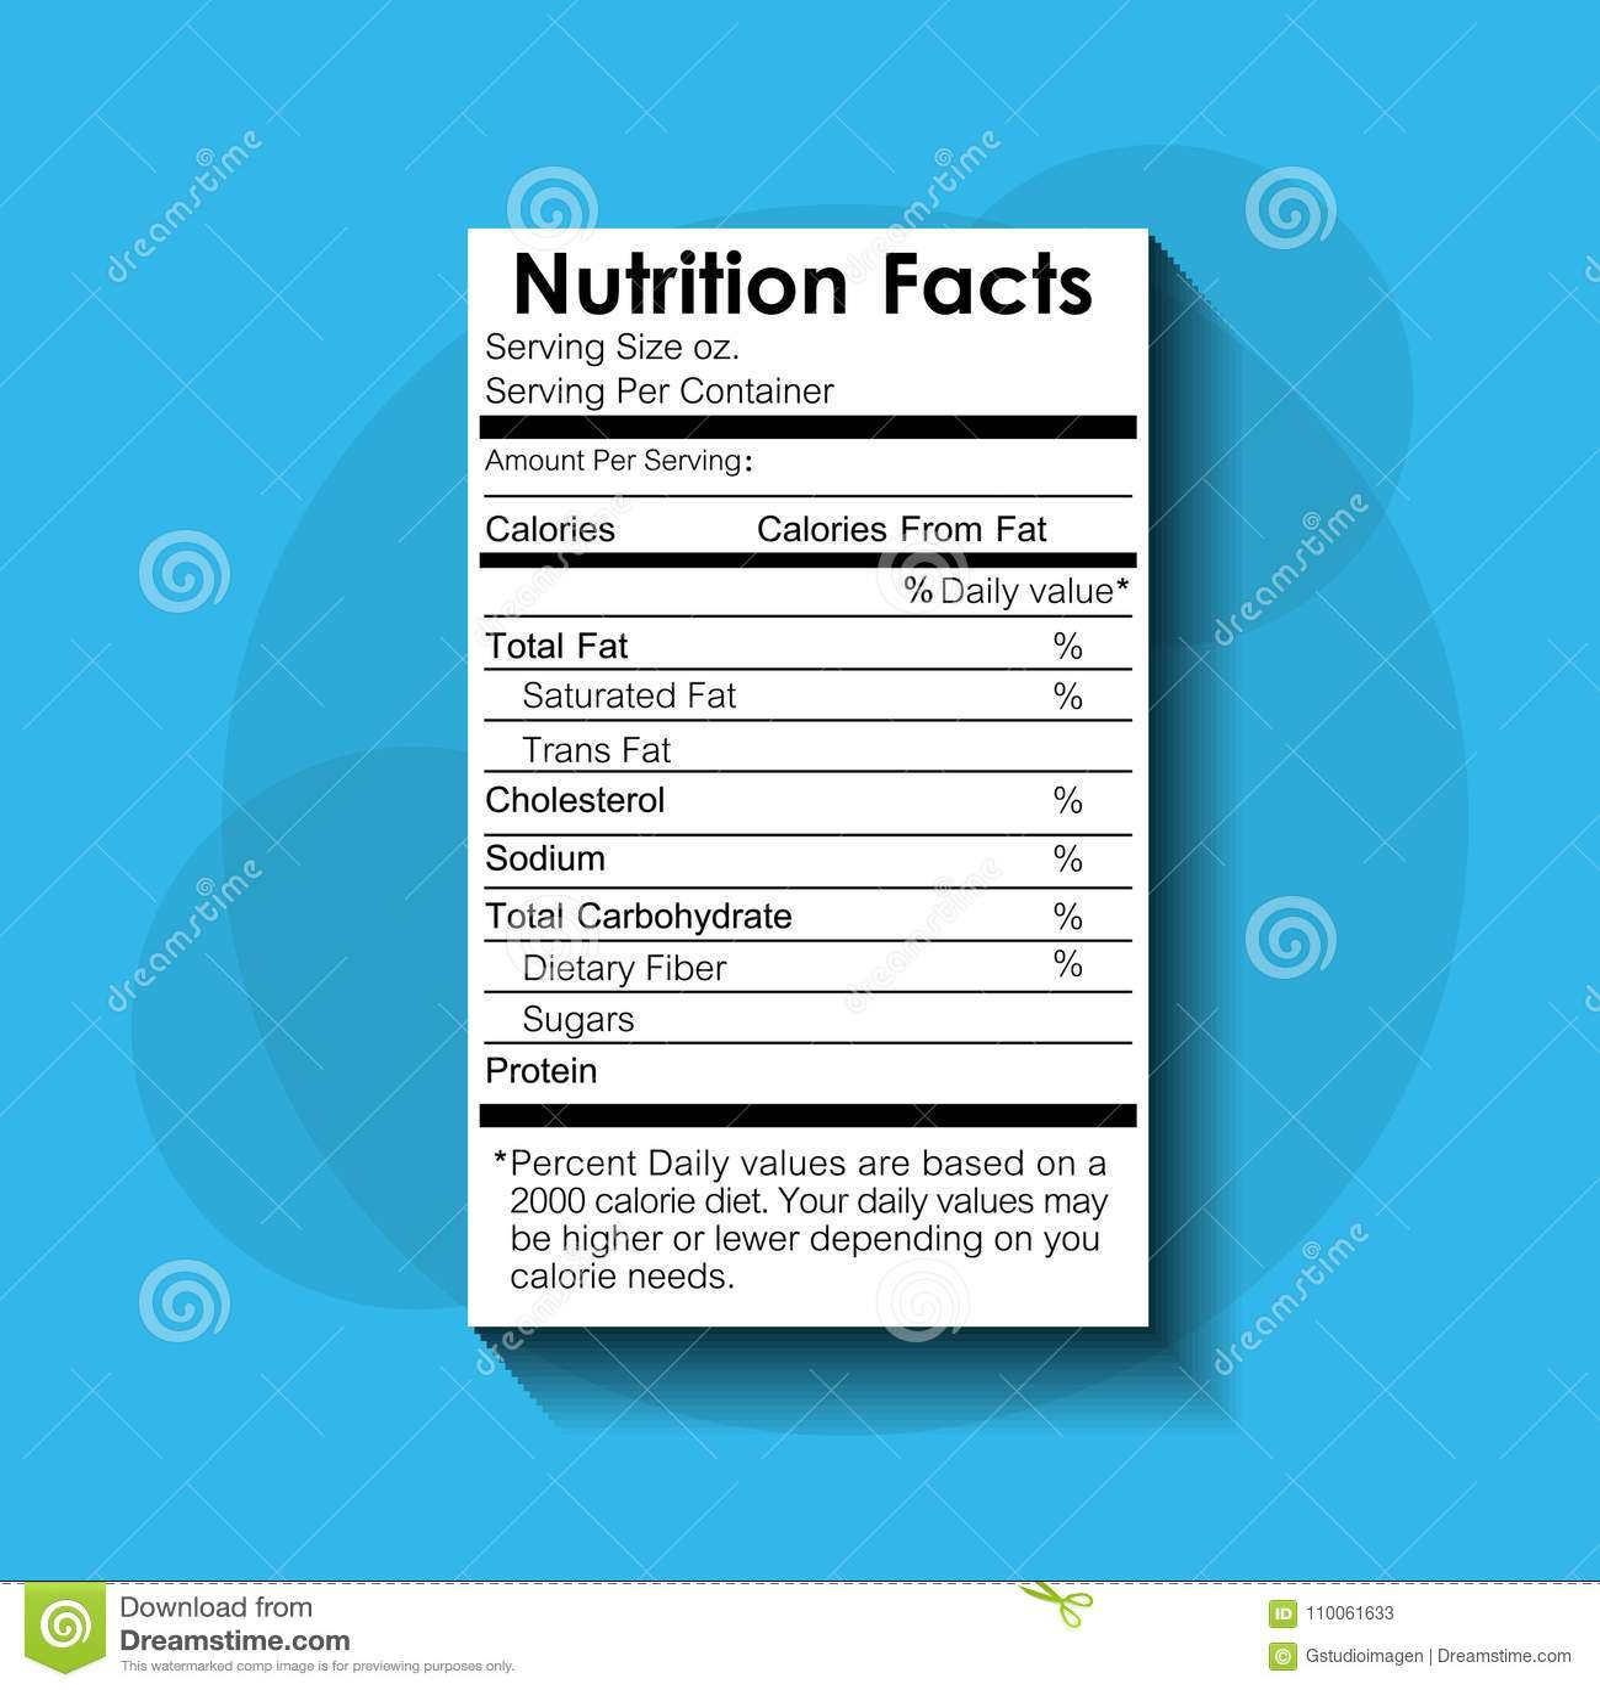 Etiqueta estándar recomendada comida de los hechos de la nutrición